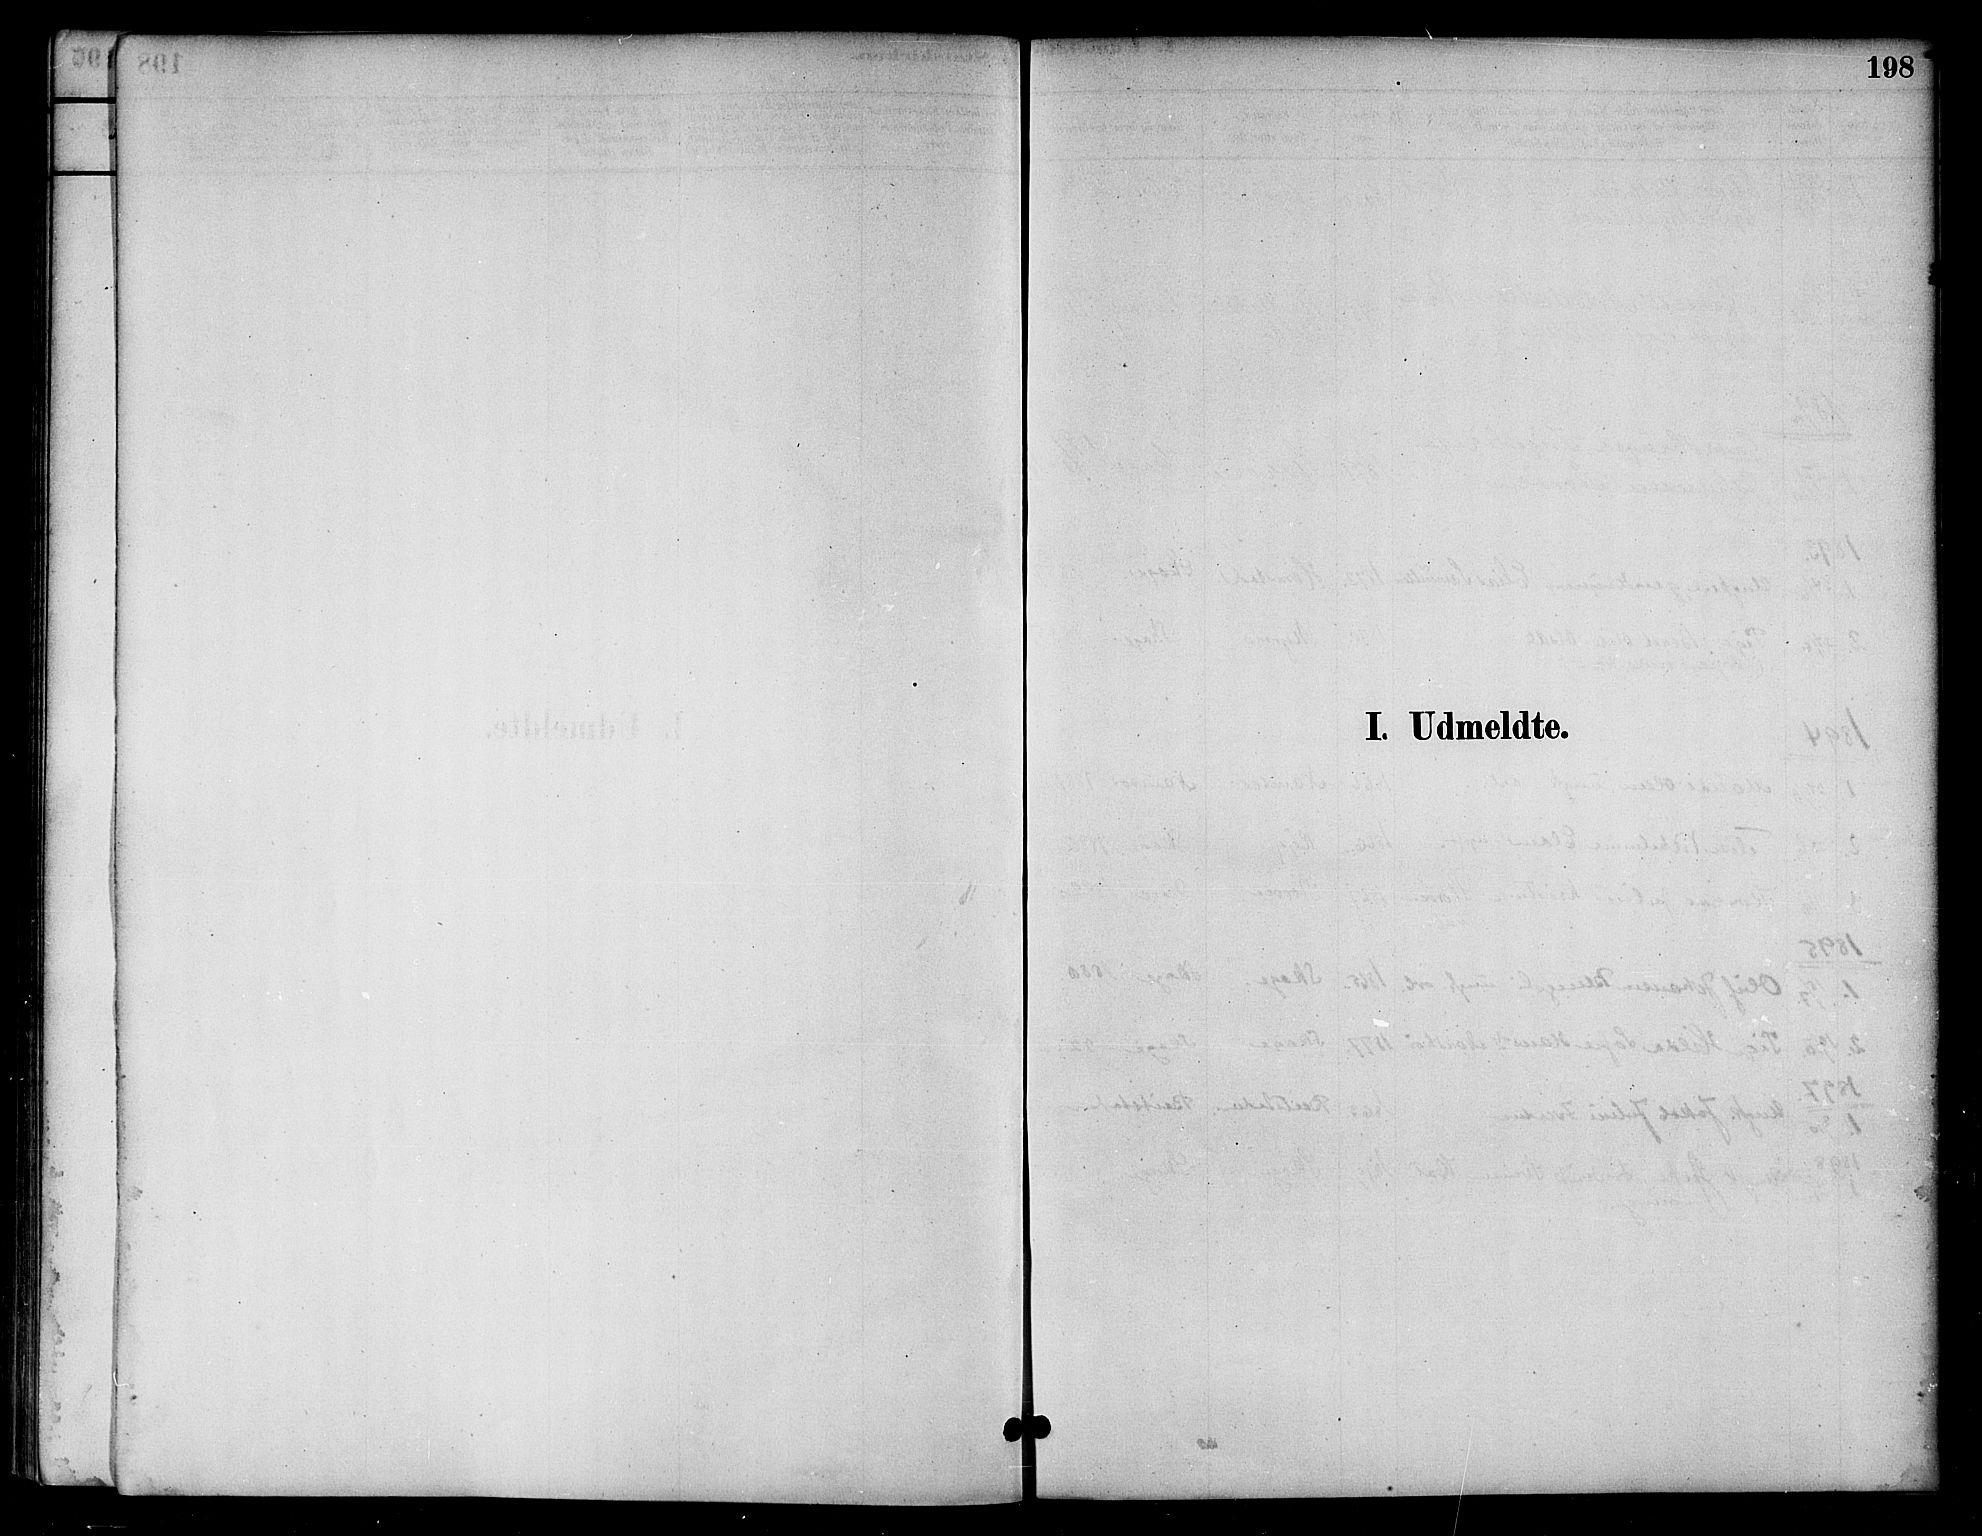 SAT, Ministerialprotokoller, klokkerbøker og fødselsregistre - Nord-Trøndelag, 766/L0563: Ministerialbok nr. 767A01, 1881-1899, s. 198